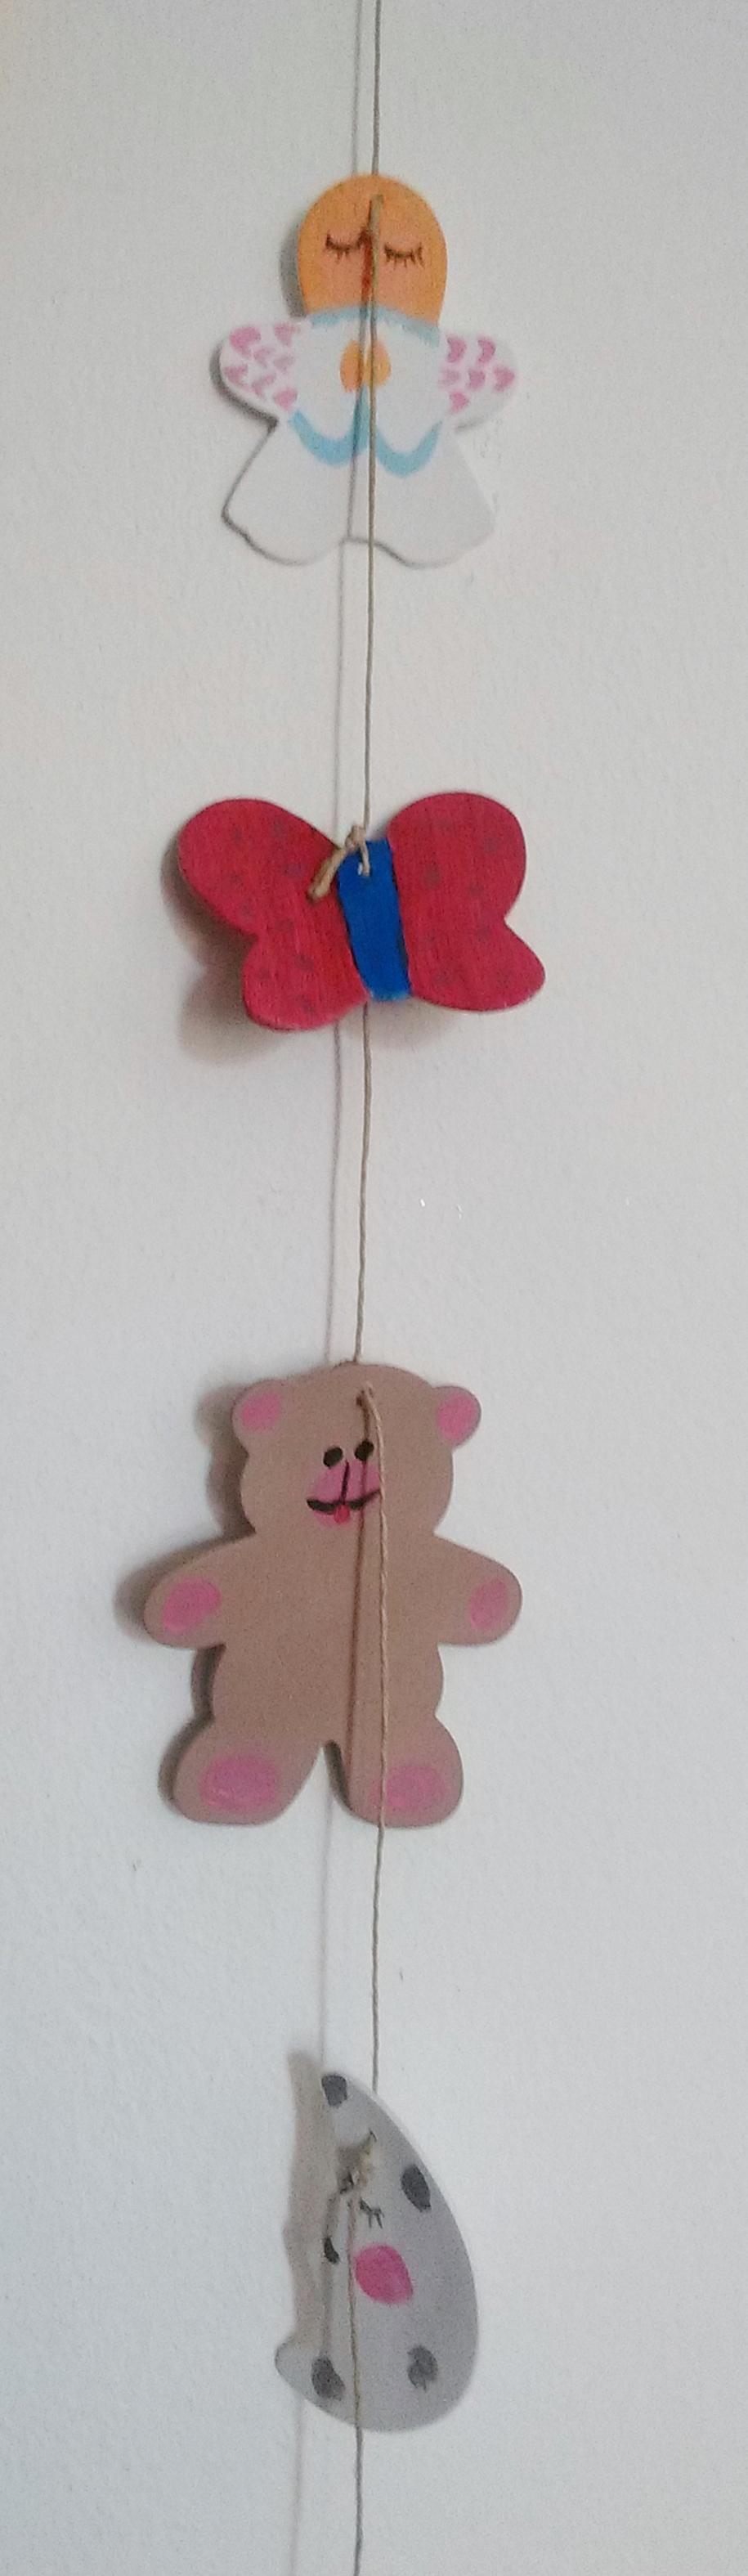 Móvil para decorar el cuarto de una niña. https://www.etsy.com/es/people/MABOBaBy?ref=hdr_user_menu